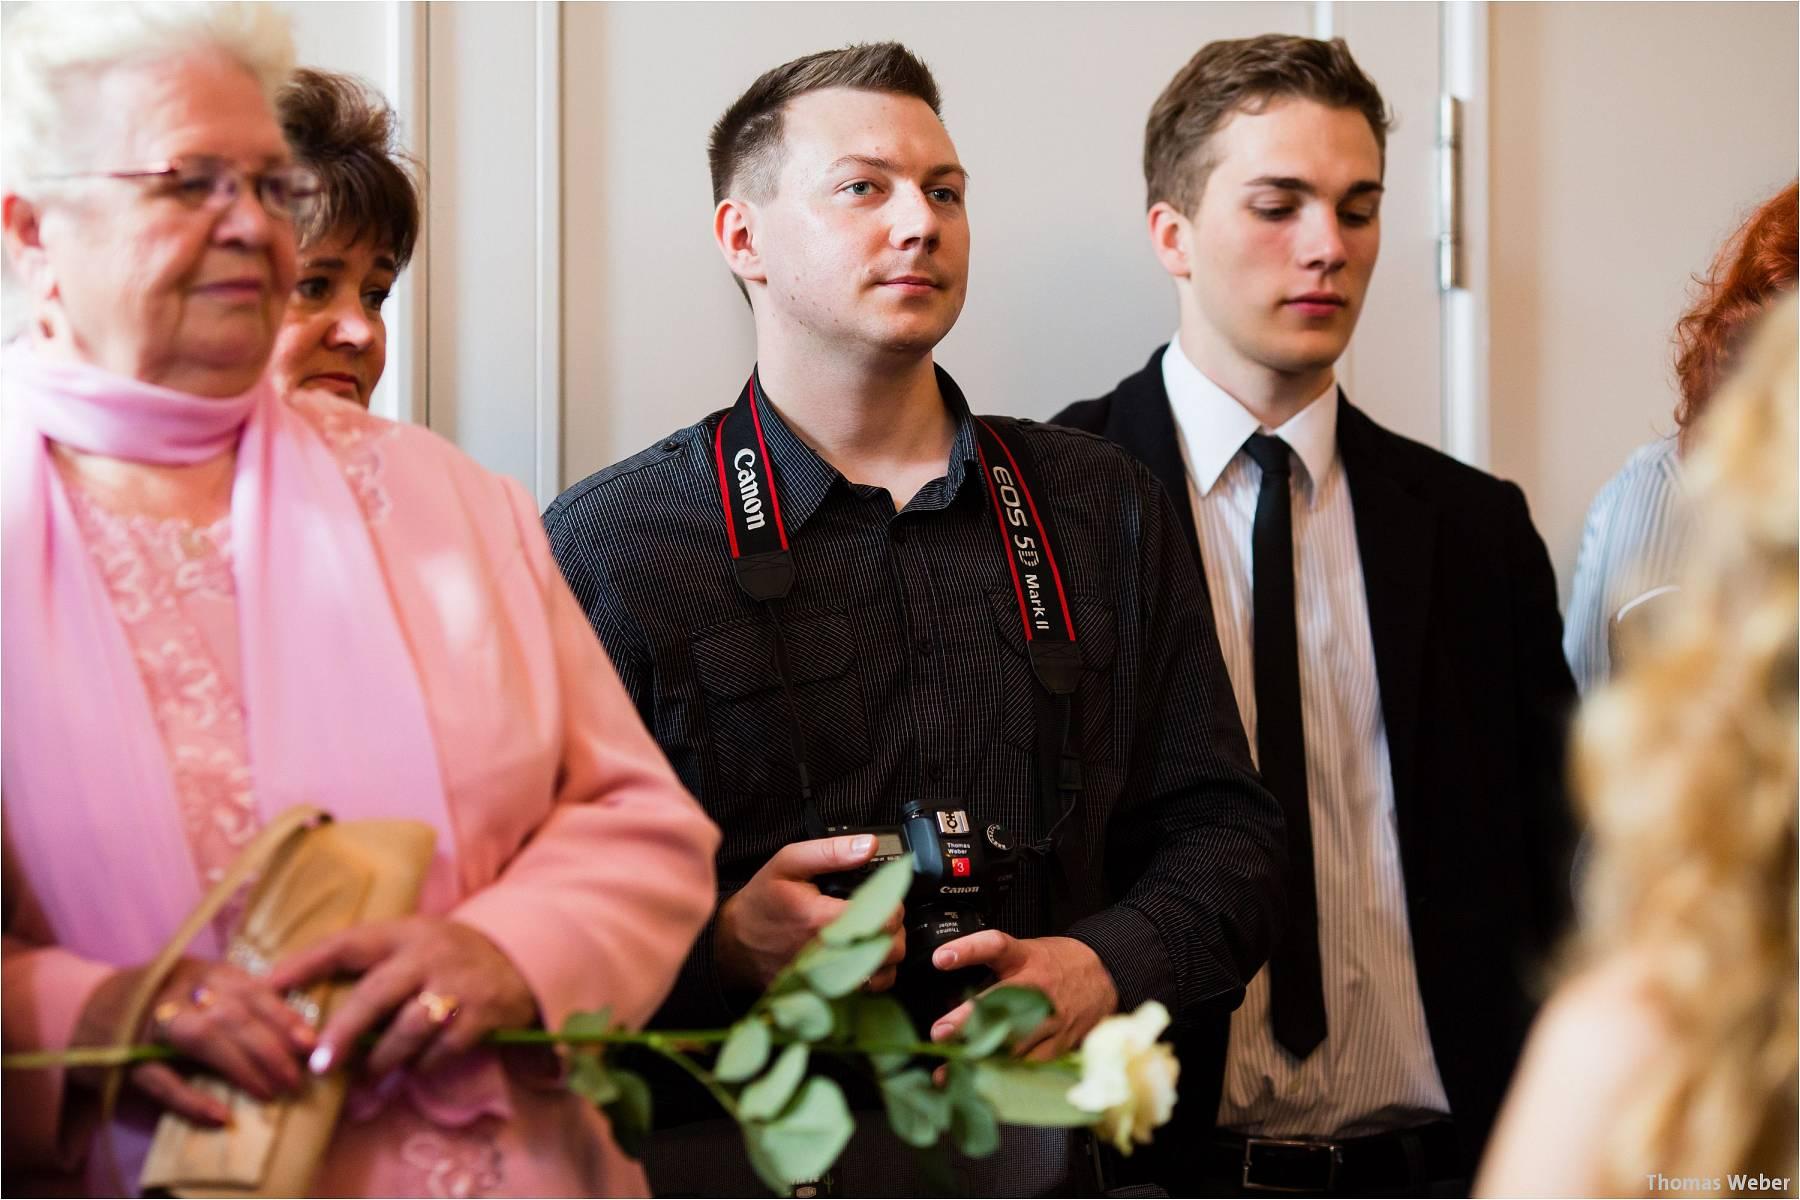 Hochzeitsfotograf Oldenburg: Russische Hochzeit im Standesamt am Pferdemarkt und Hochzeitsfeier im Landhaus Etzhorn (34)